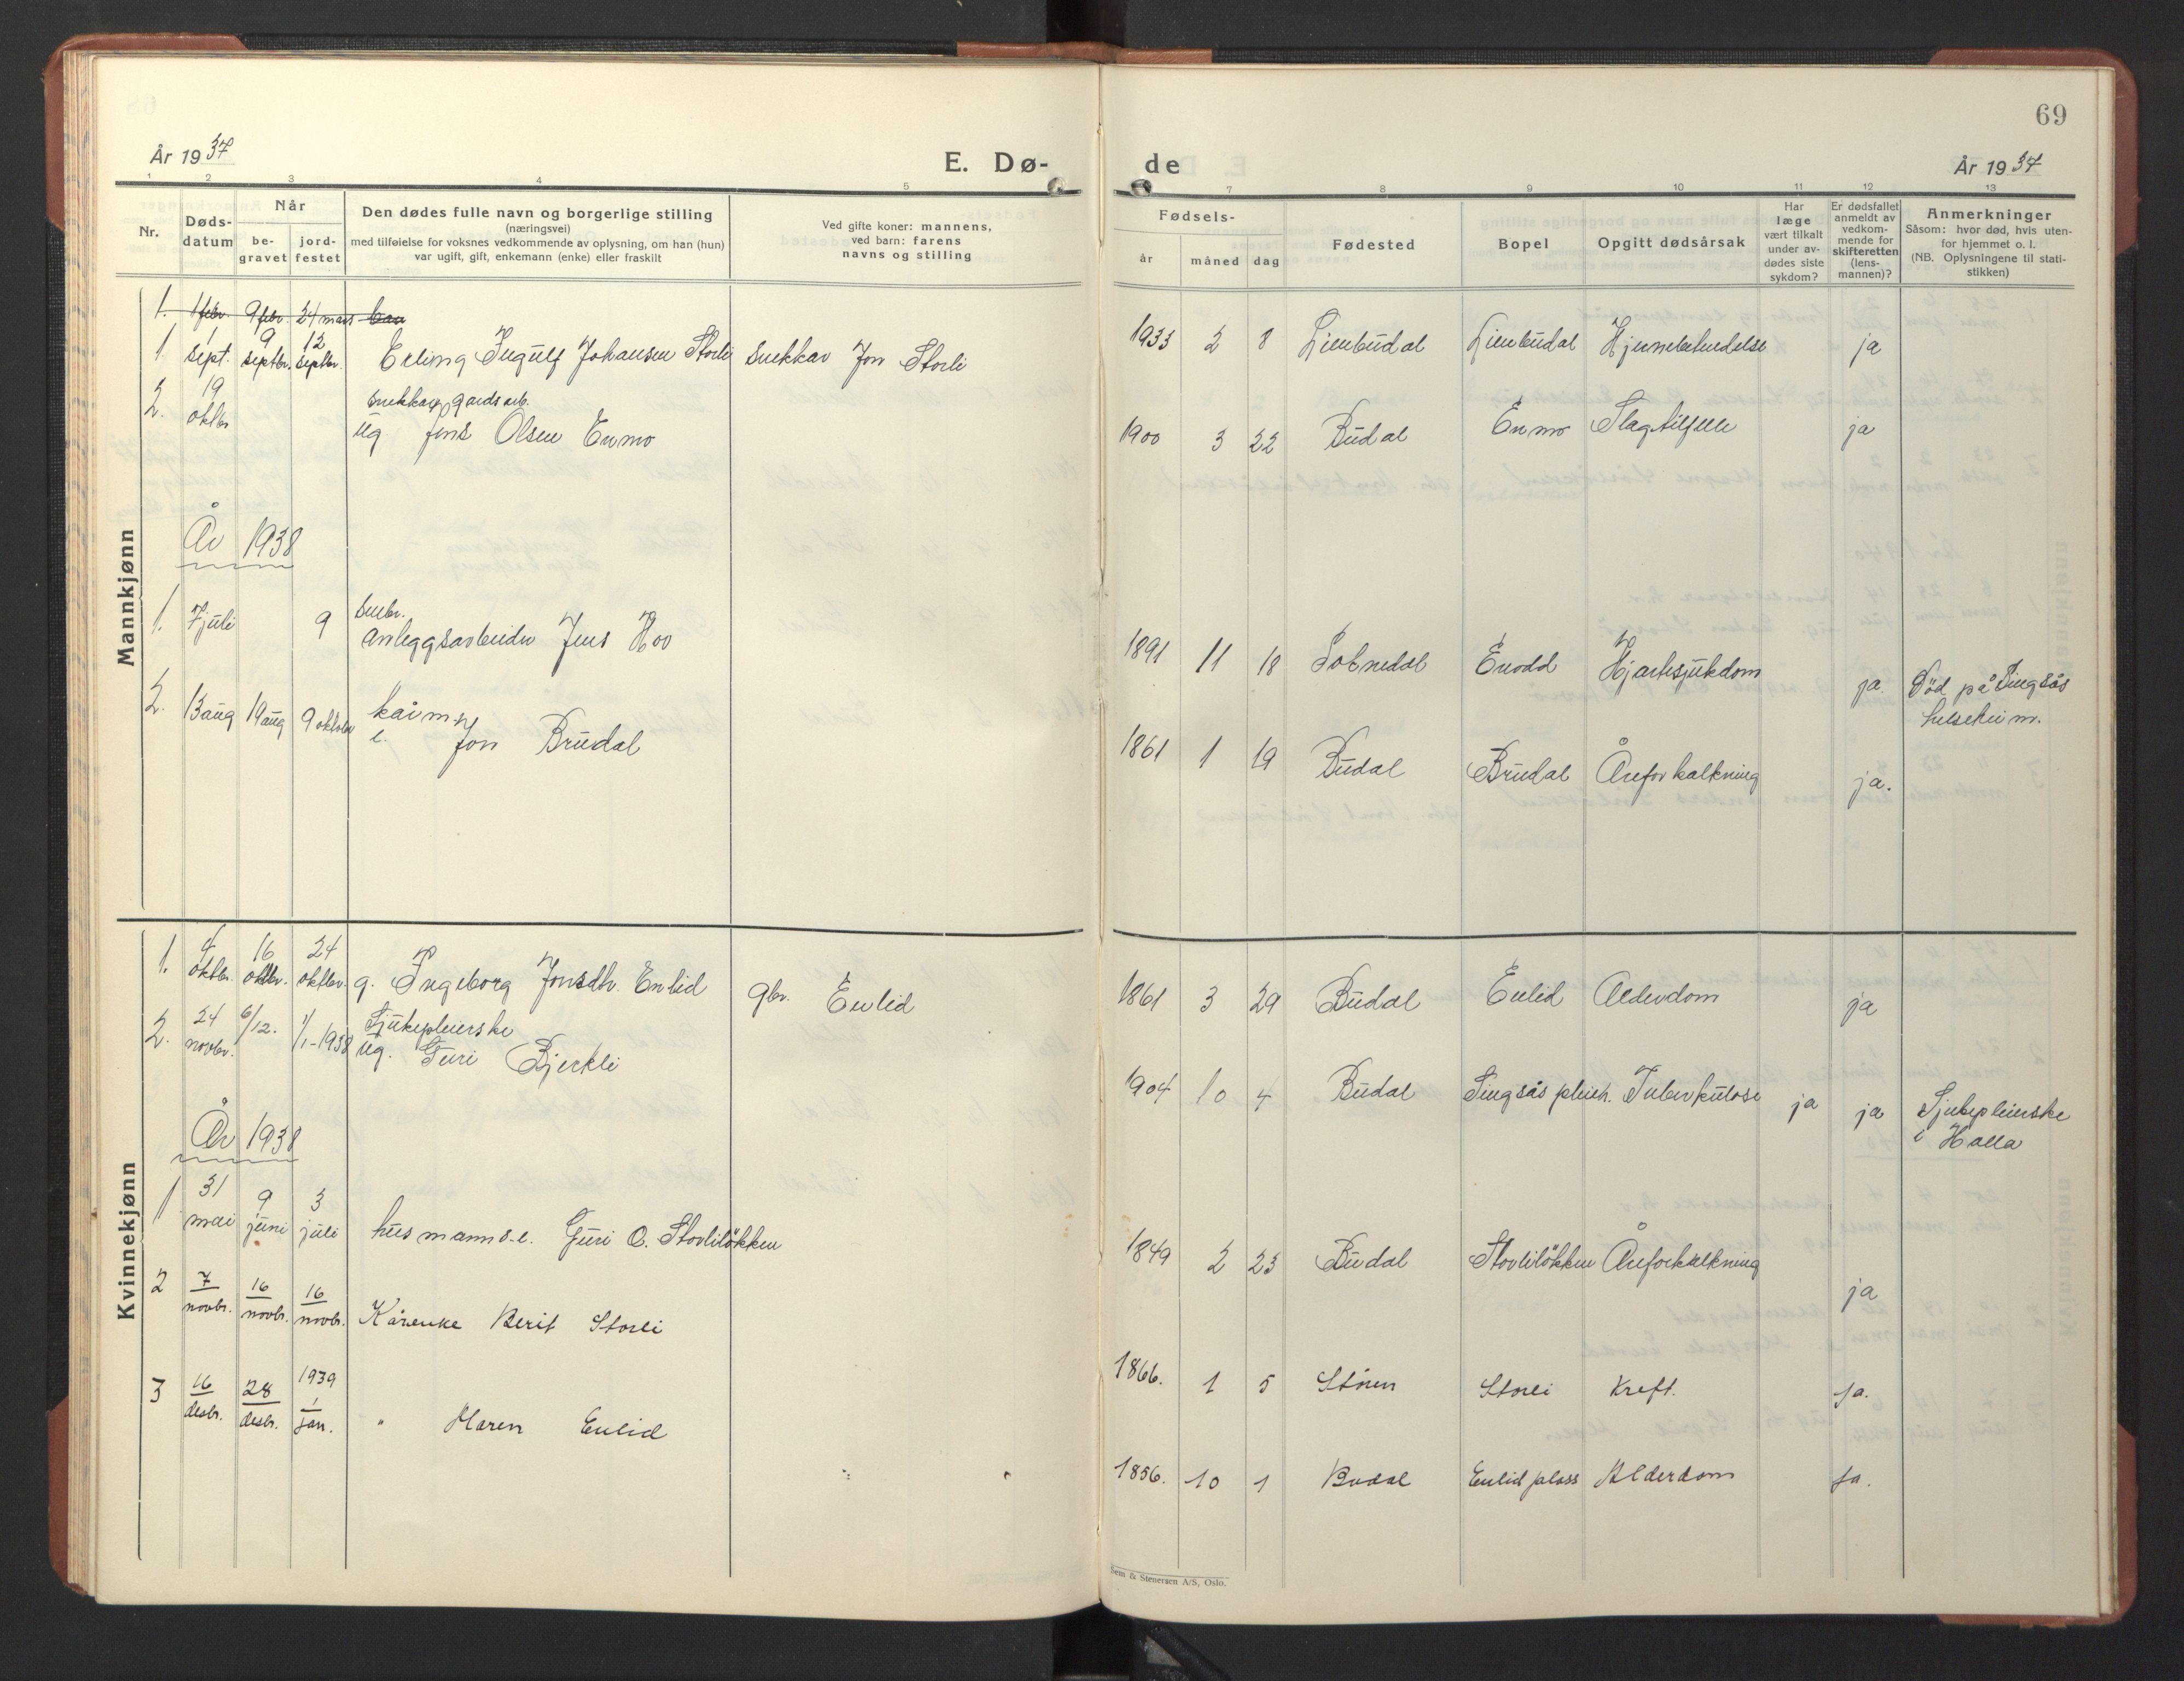 SAT, Ministerialprotokoller, klokkerbøker og fødselsregistre - Sør-Trøndelag, 690/L1053: Klokkerbok nr. 690C03, 1930-1947, s. 69